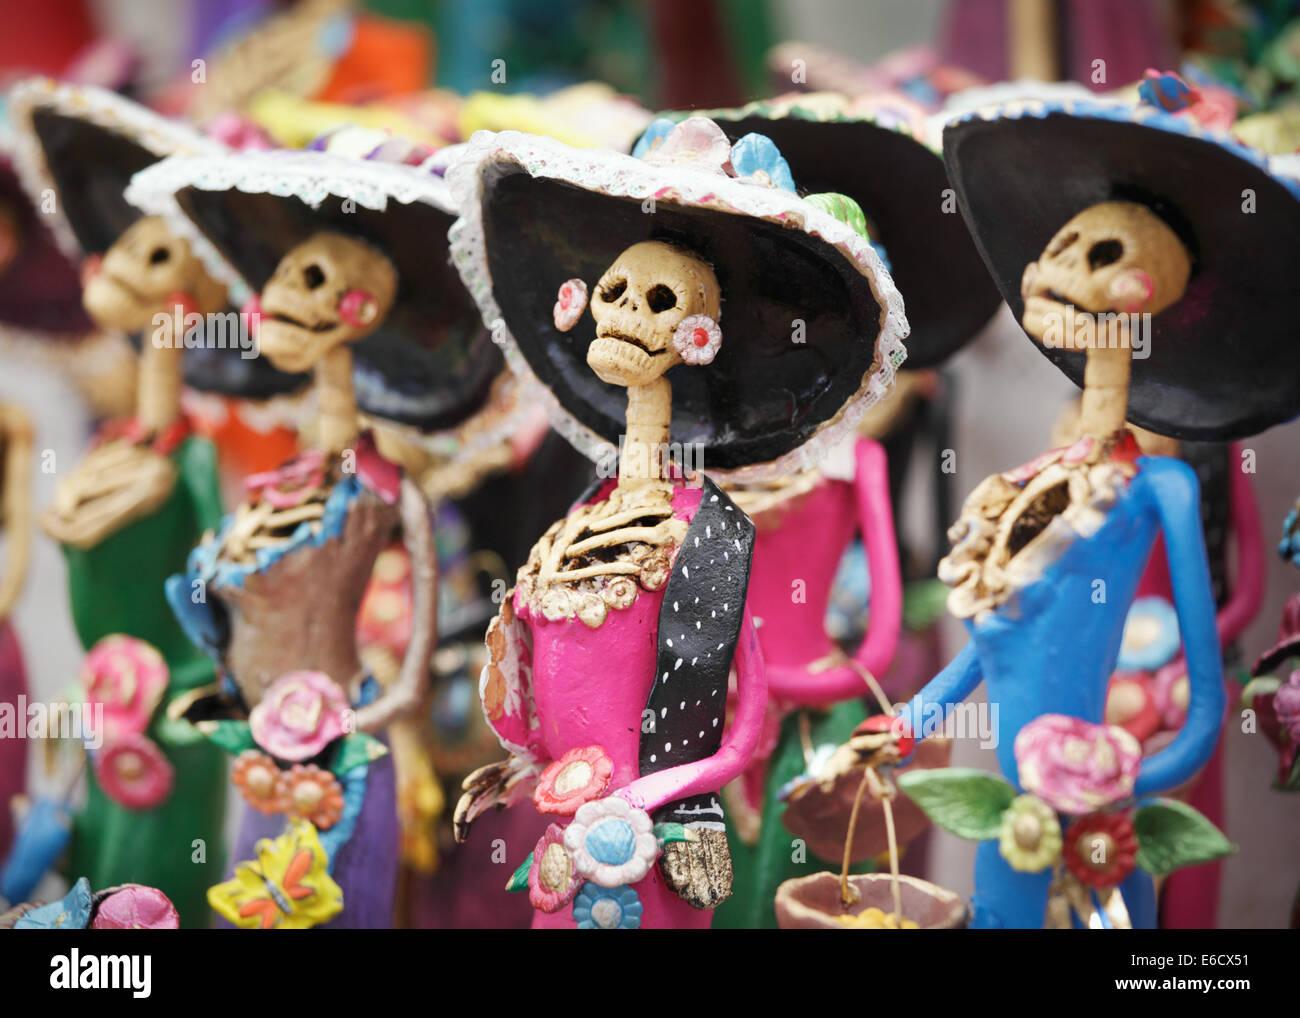 Un catrina vestito in rosa durante il giorno dei morti le feste in un mercato in Patzcuaro Michoacan,, Messico Foto Stock